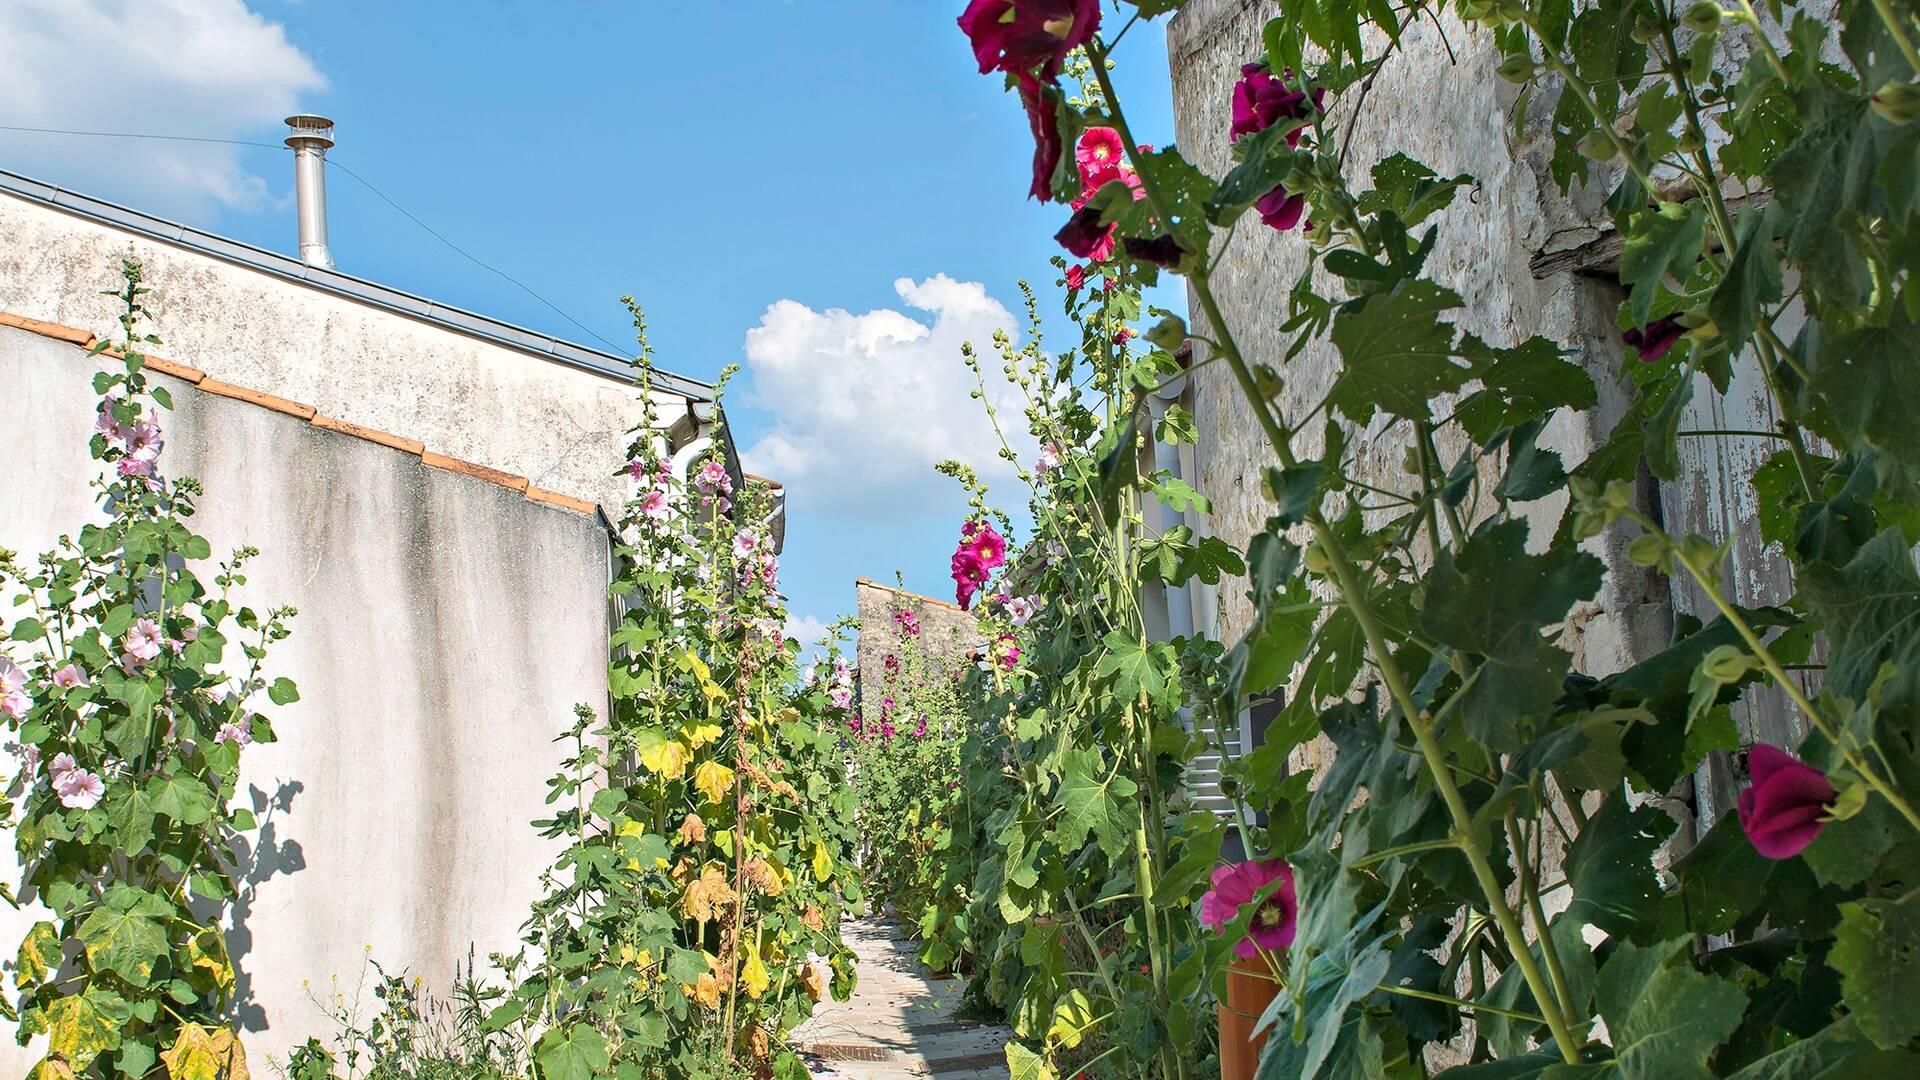 Charmantes ruelles bordées de roses trémières, quartier de la Coue à Fouras - © Marie-Françoise Boufflet